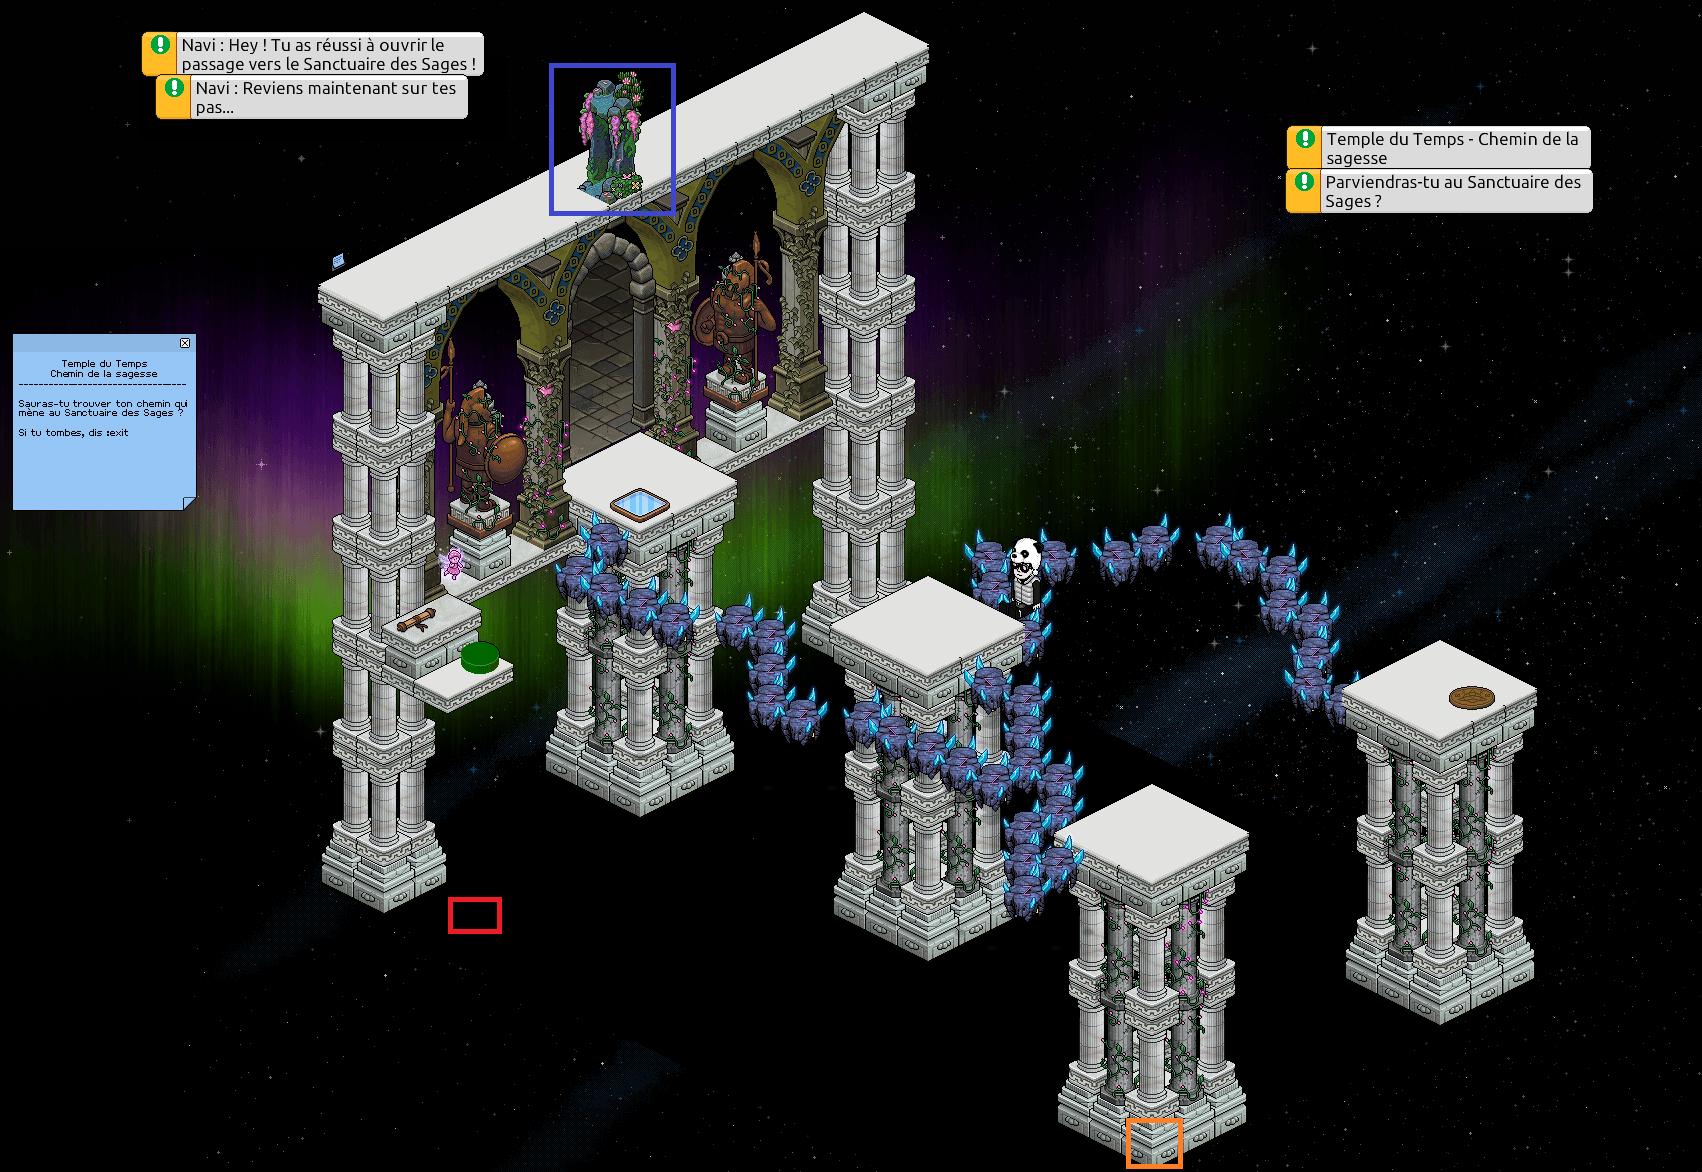 Zelba - Temple du Temps - Chemin de la sagesse